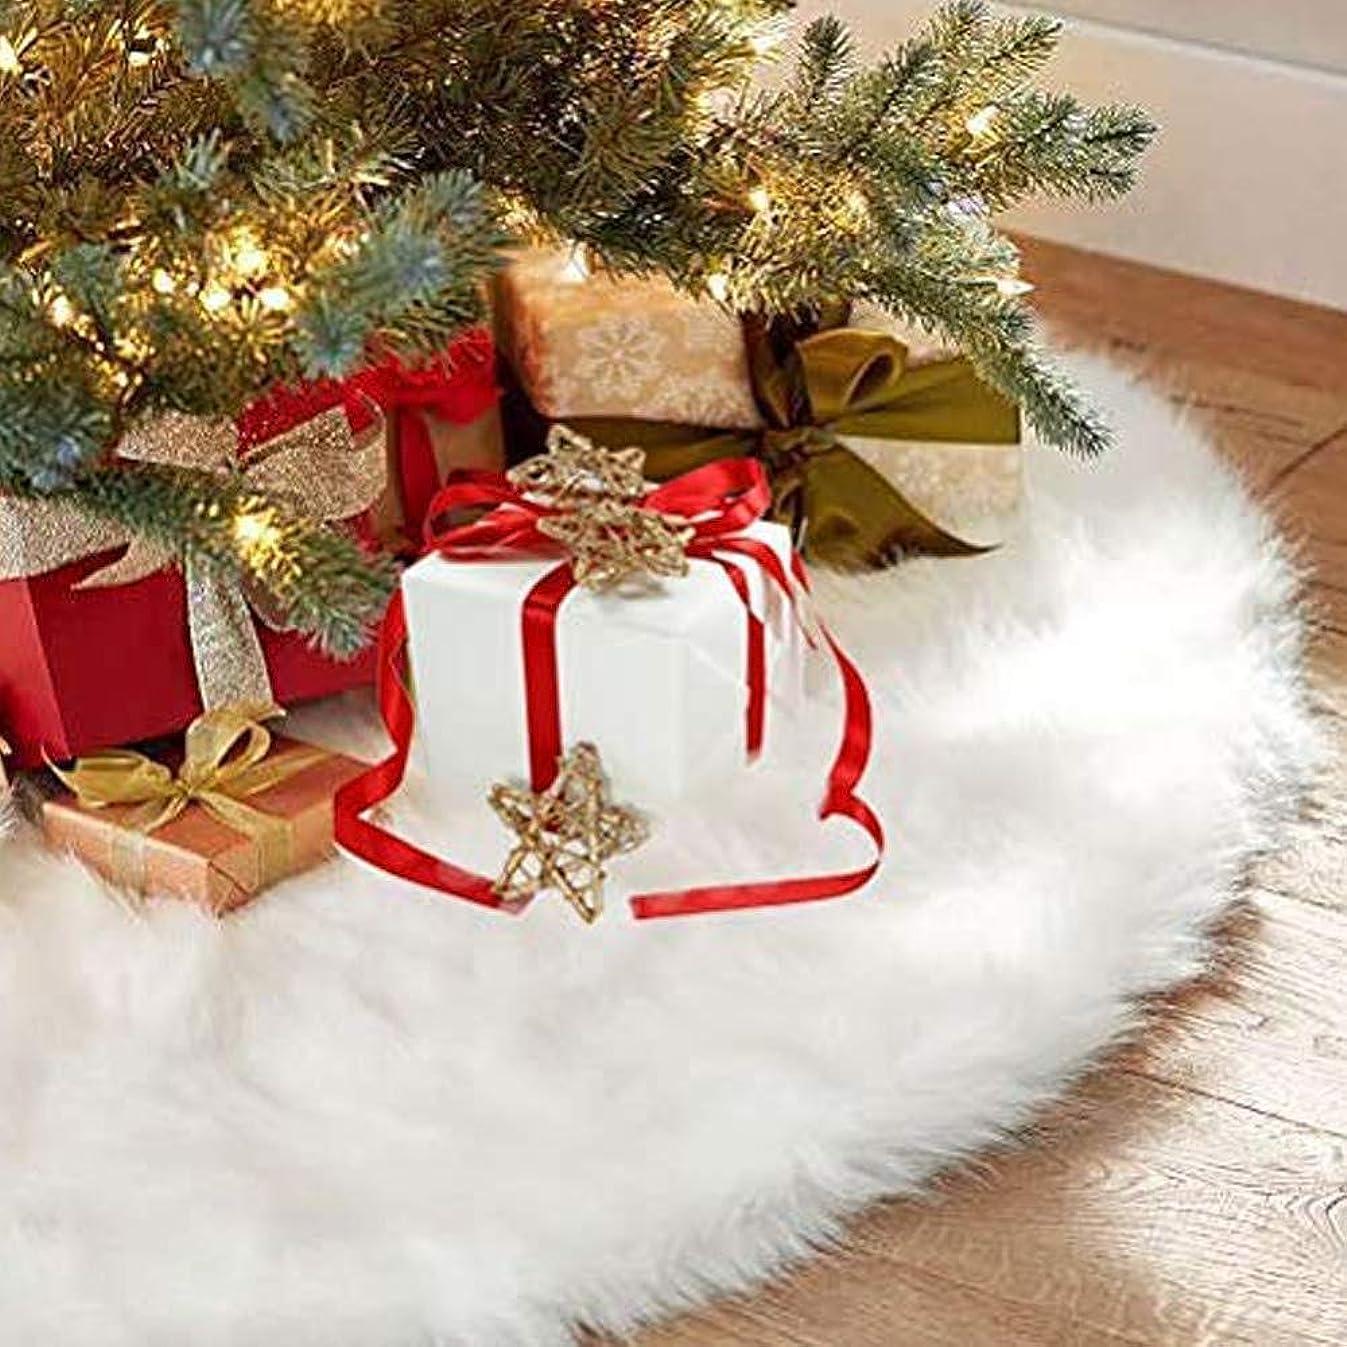 CHICHIC 48?inch Christmas Tree Skirt Faux?Fur?Xmas Tree Skirt Christmas Decorations Holiday Tree Ornaments Tree Decoration for Christmas Home Decorations, Xmas Party Holiday Decorations, Snow?White